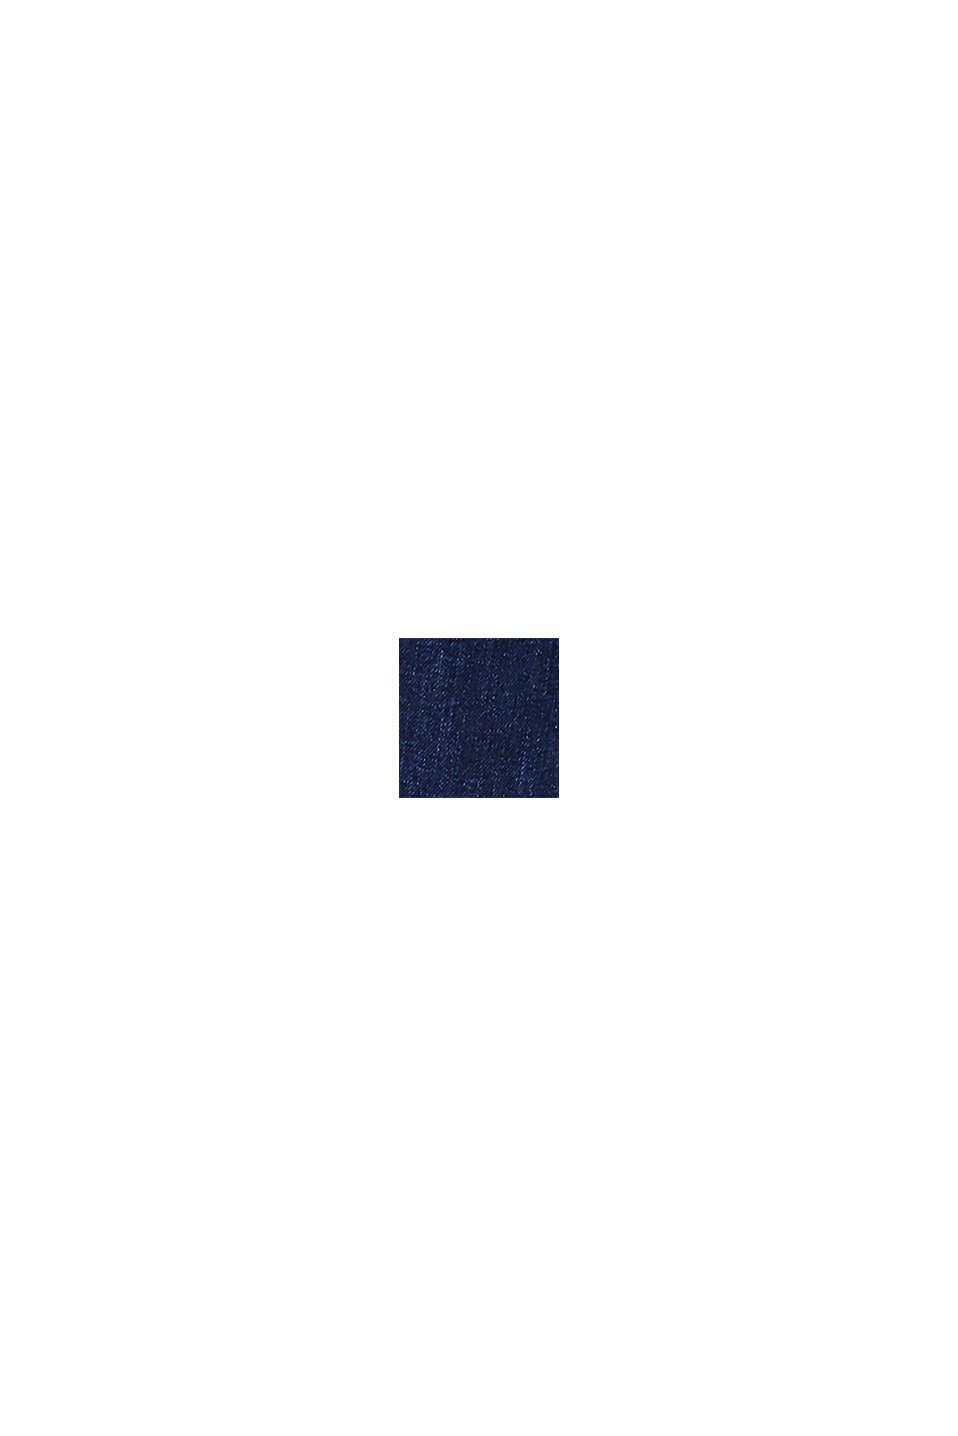 Jeans aus 100% Baumwolle, BLUE DARK WASHED, swatch